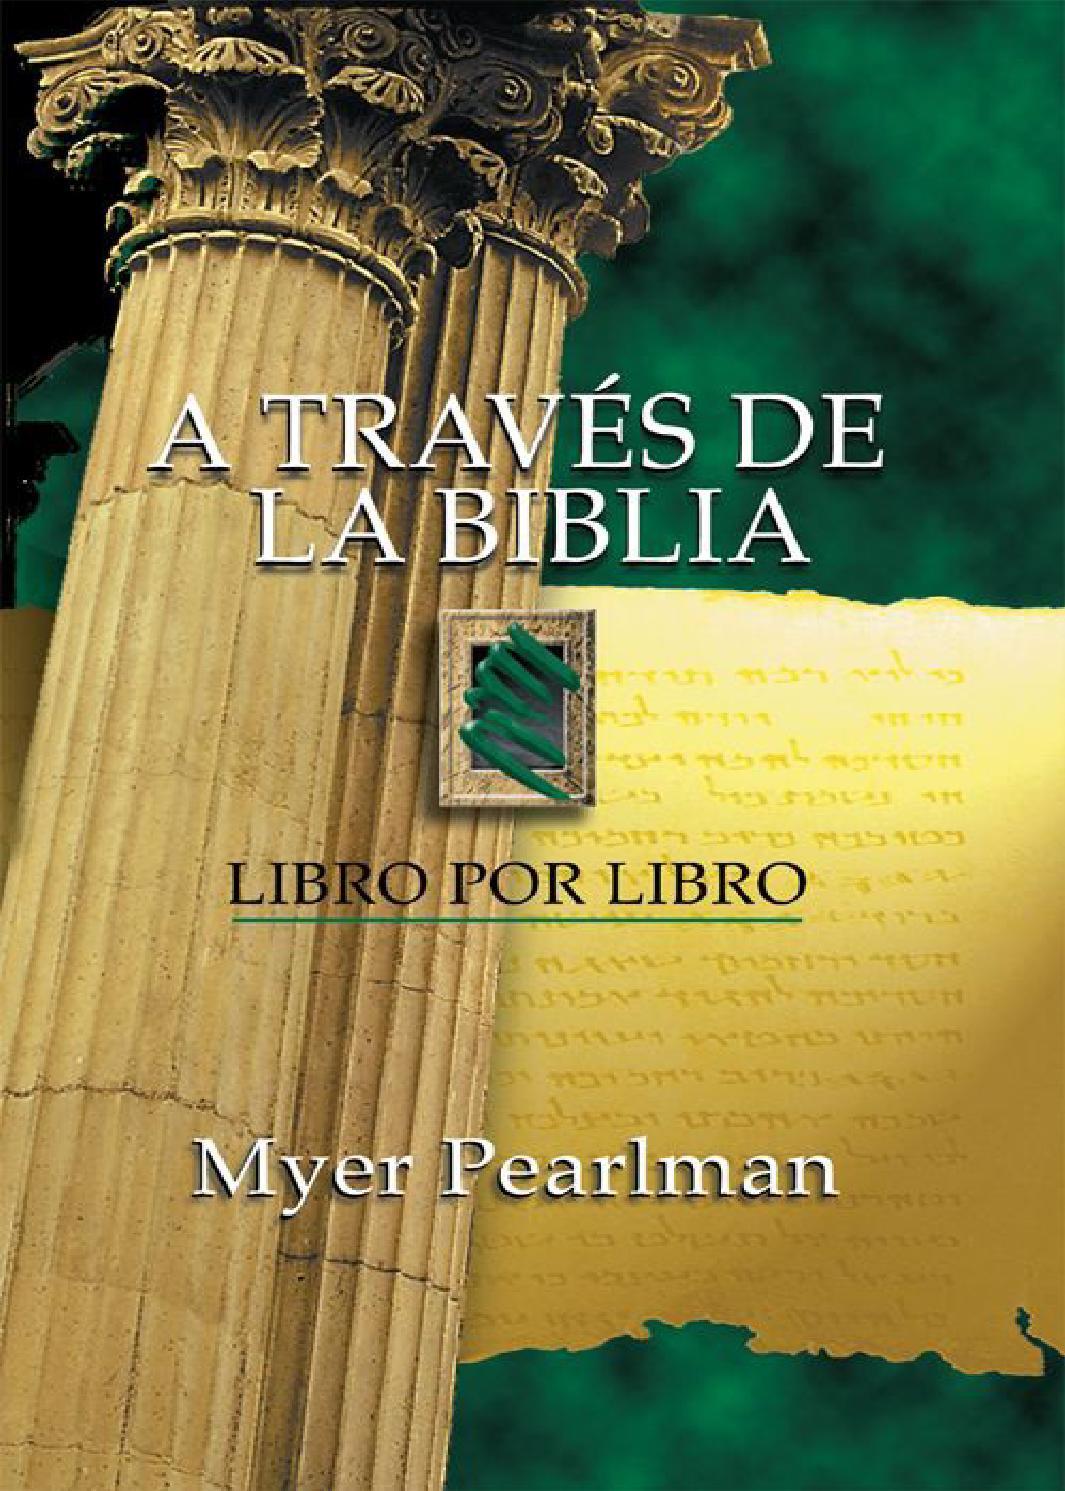 A traves de la biblia, libro por libro by Cesar Lopez - Issuu